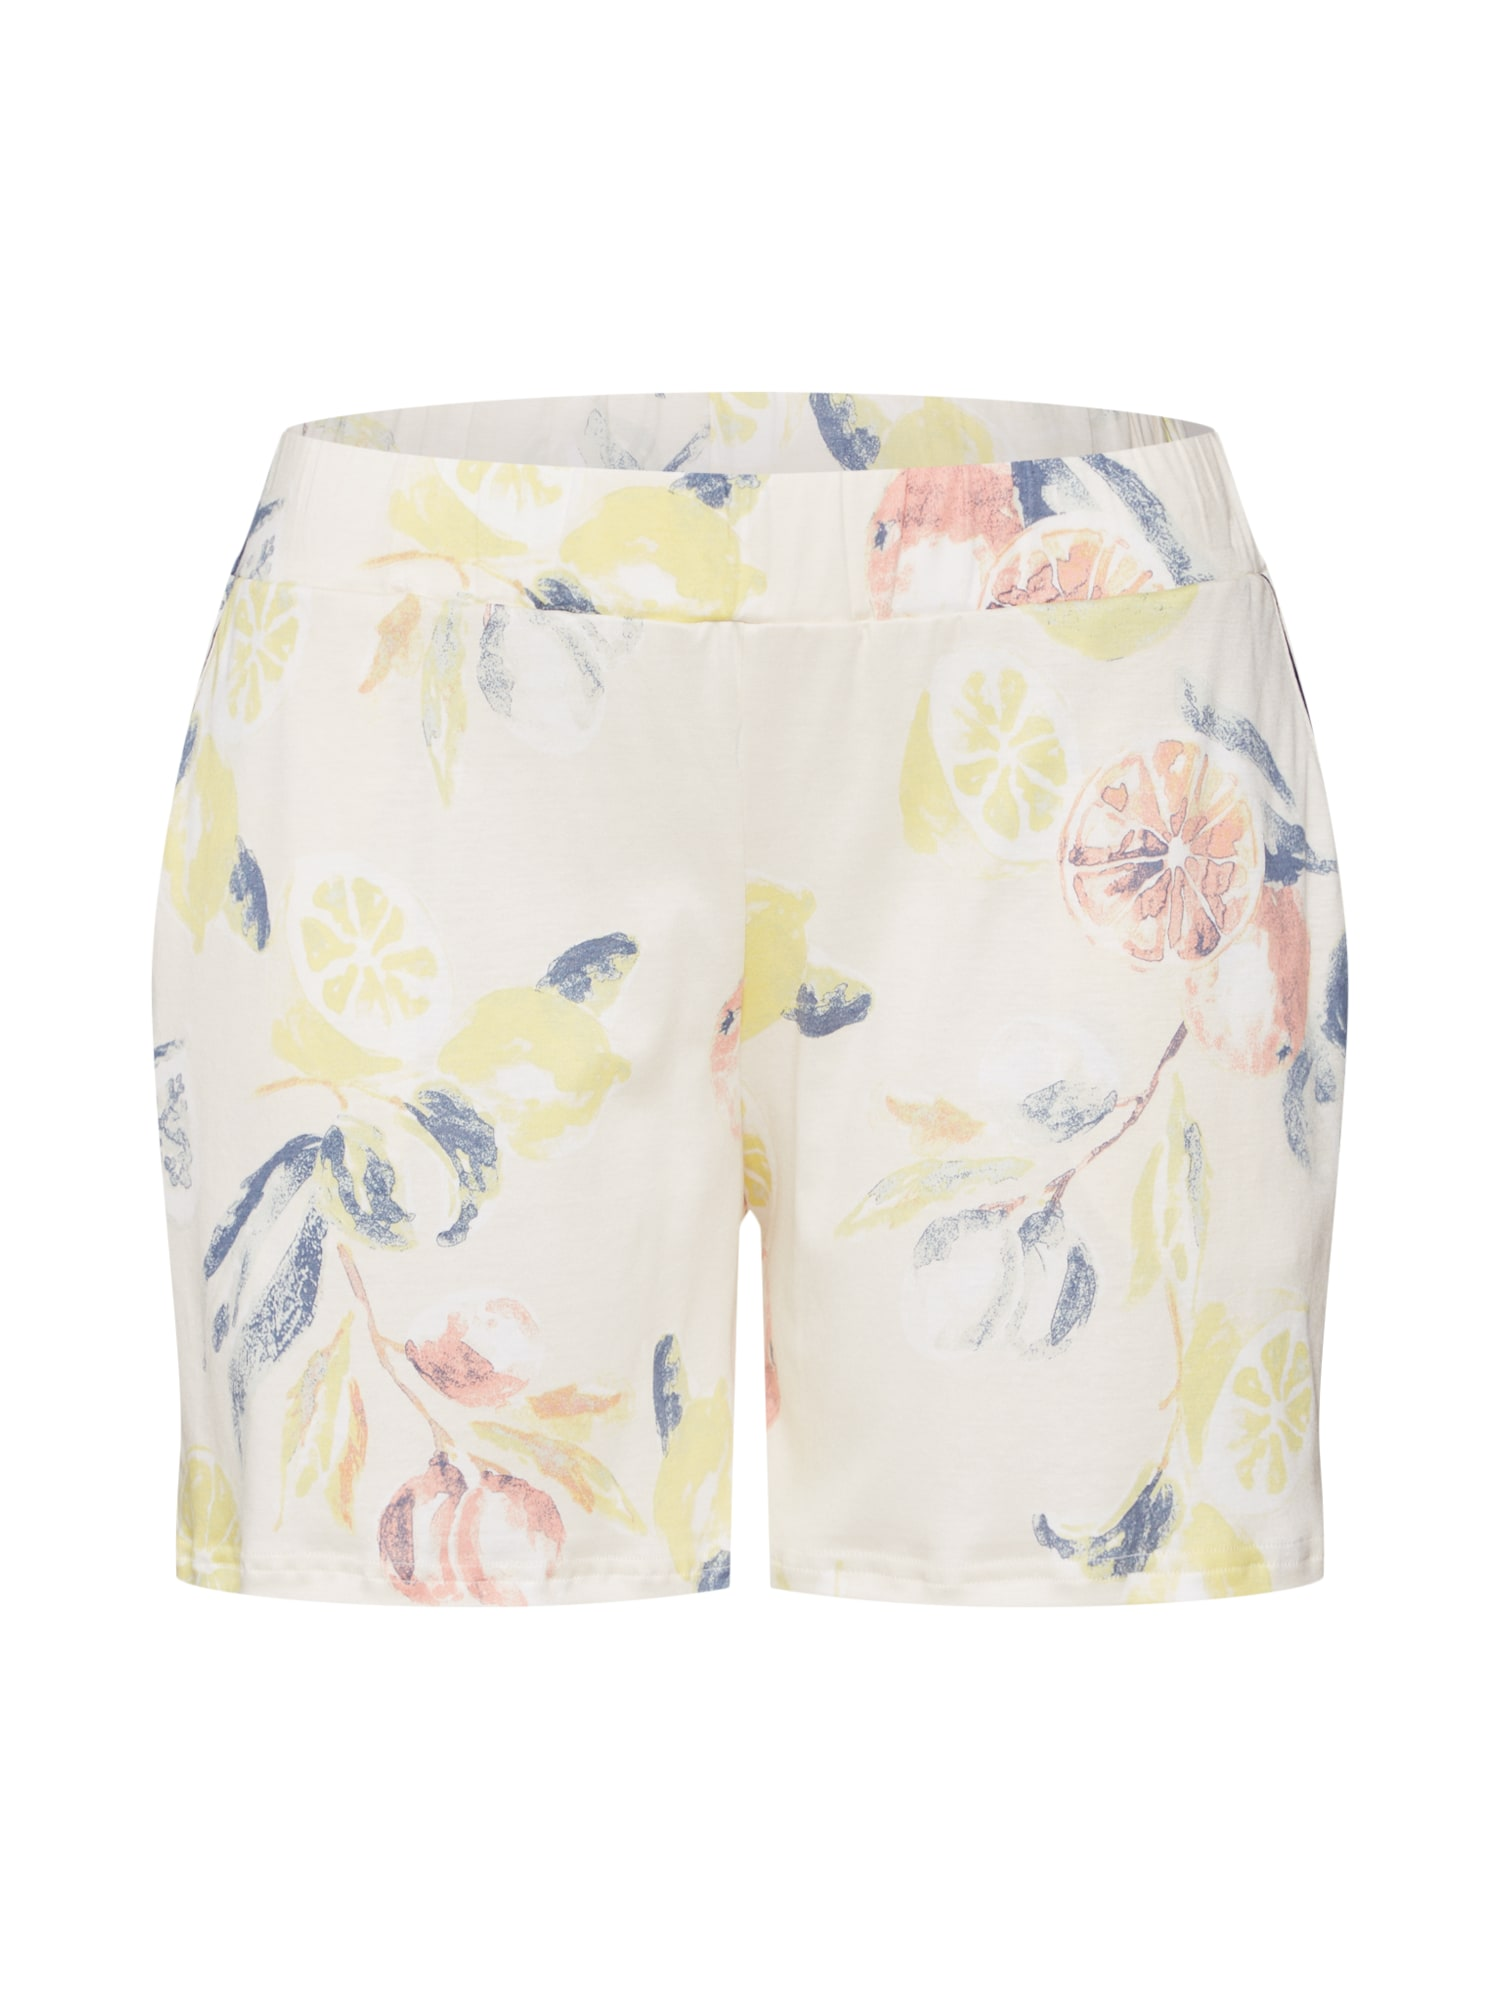 Pyžamové kalhoty Favourites Trend 8 béžová světle žlutá růžová CALIDA